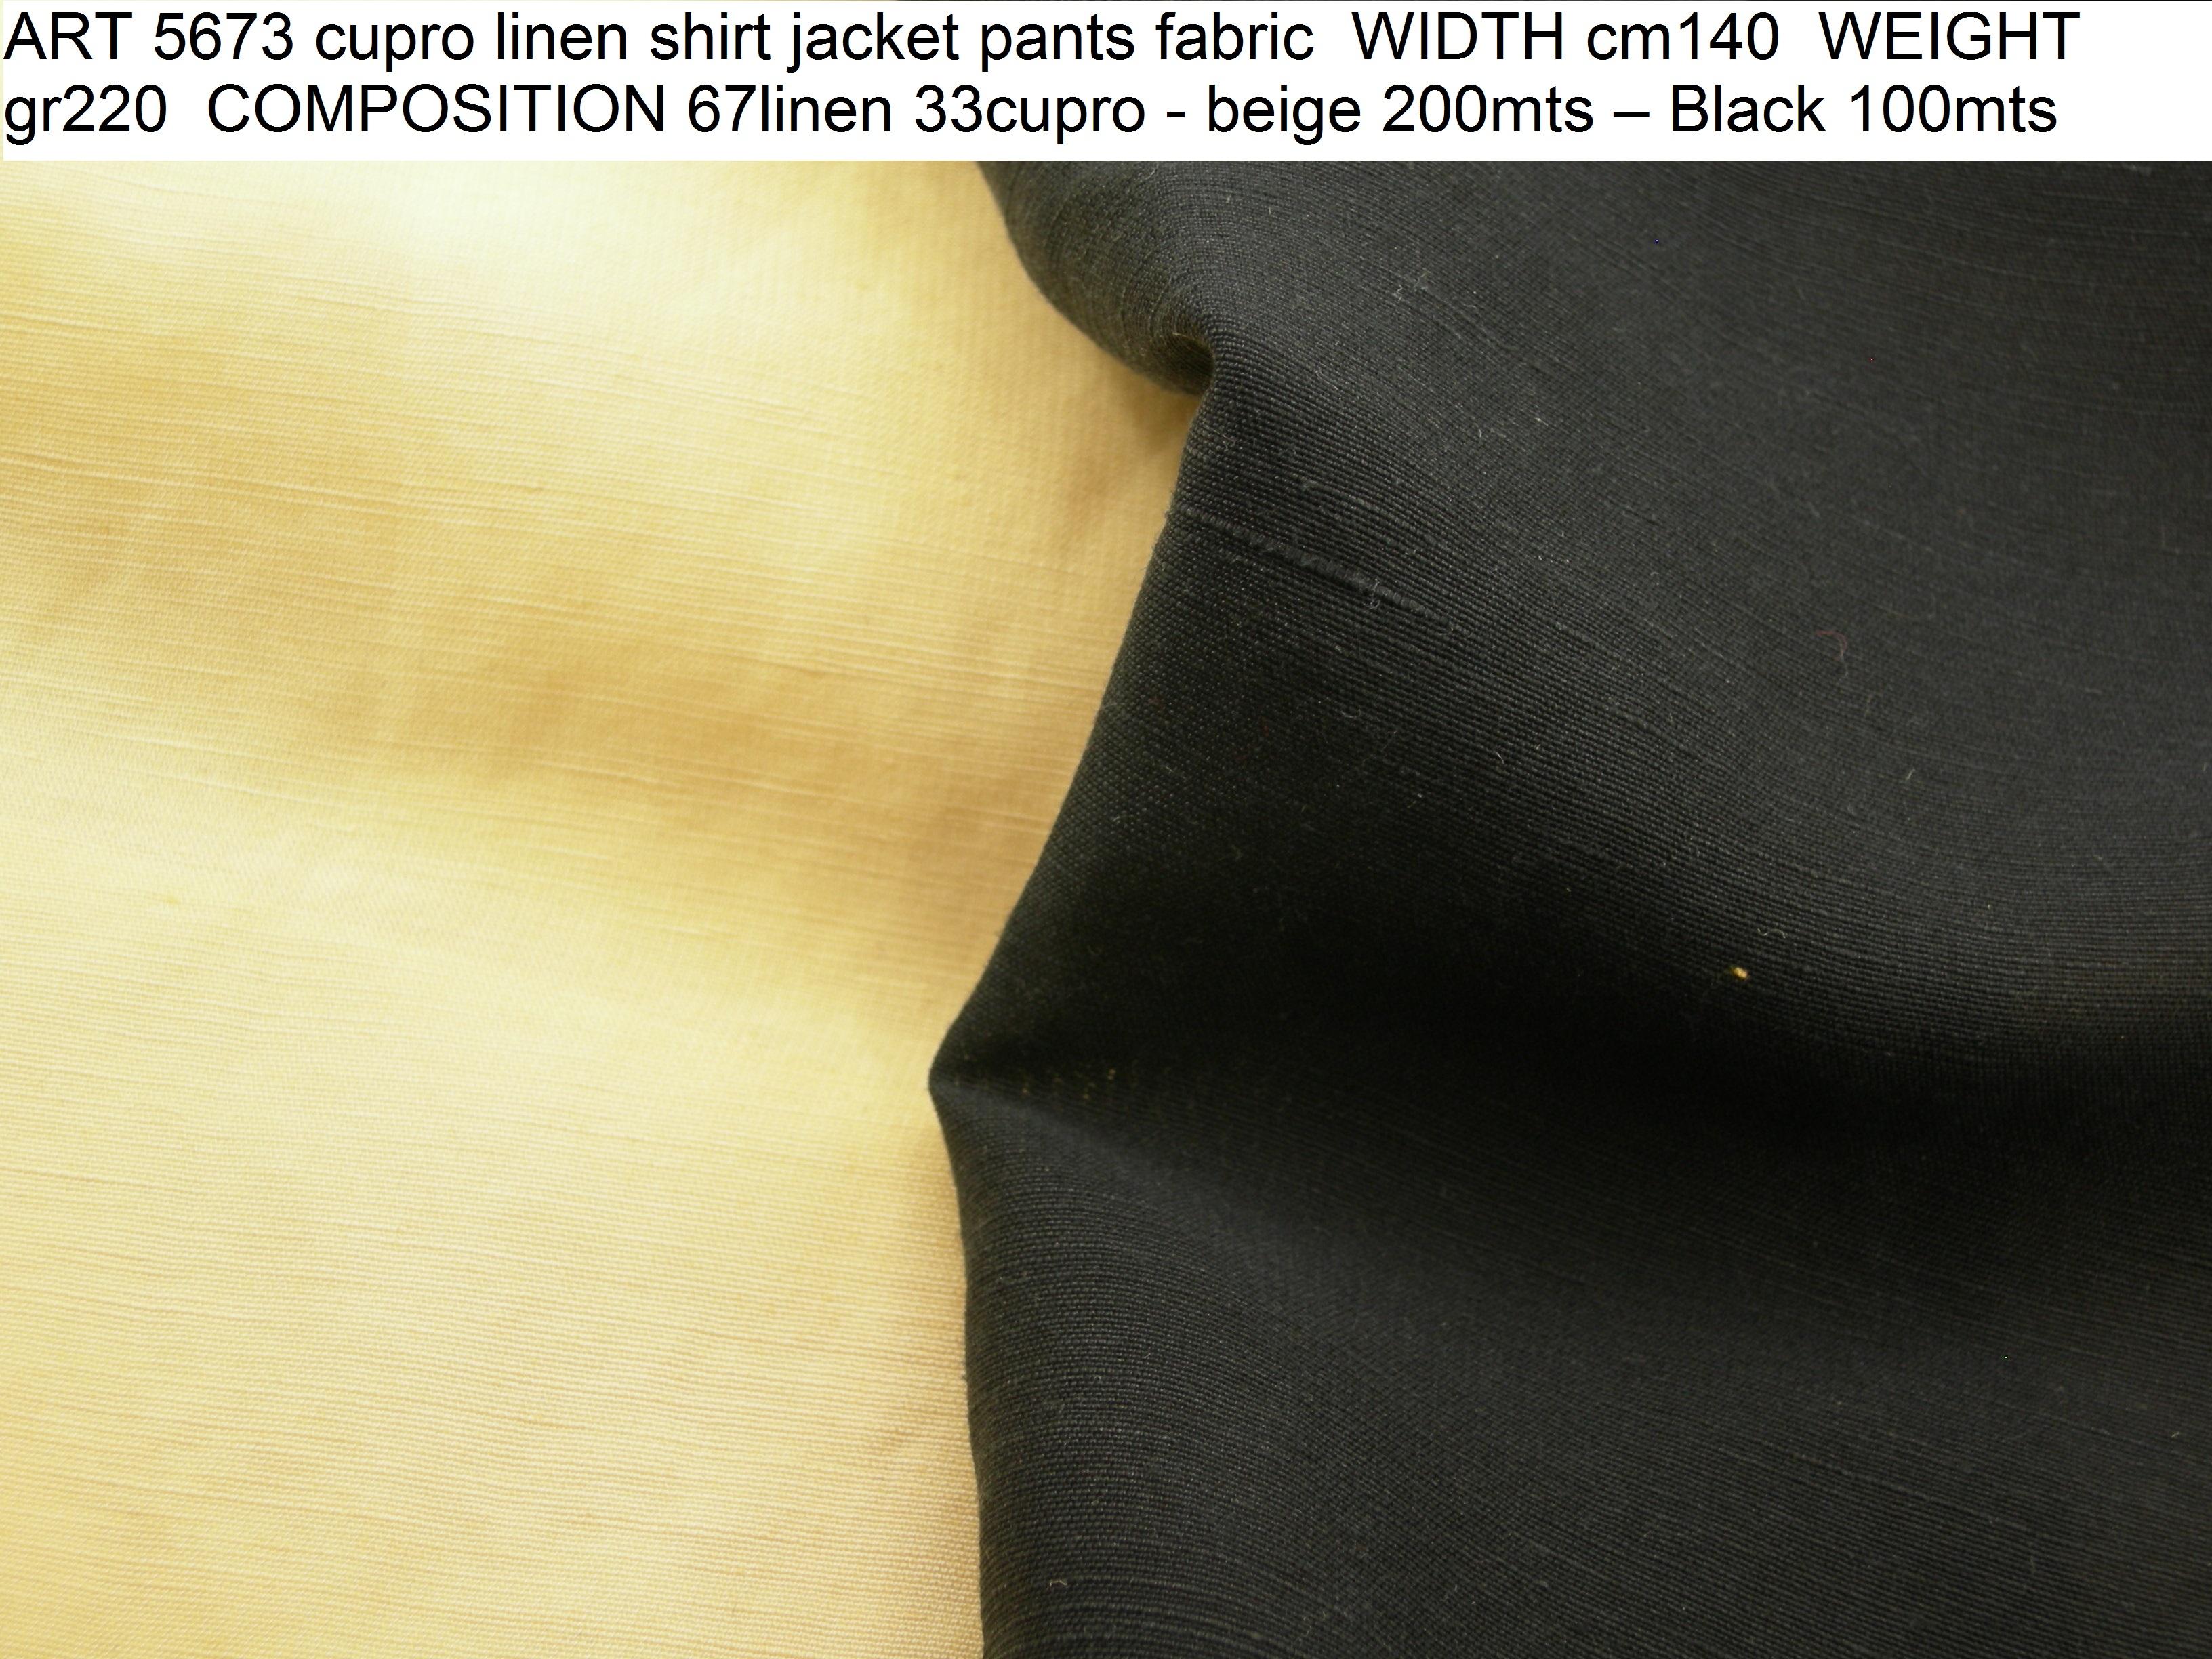 ART 5673 cupro linen shirt jacket pants fabric WIDTH cm140 WEIGHT gr220 COMPOSITION 67linen 33cupro - beige 200mts – Black 100mts